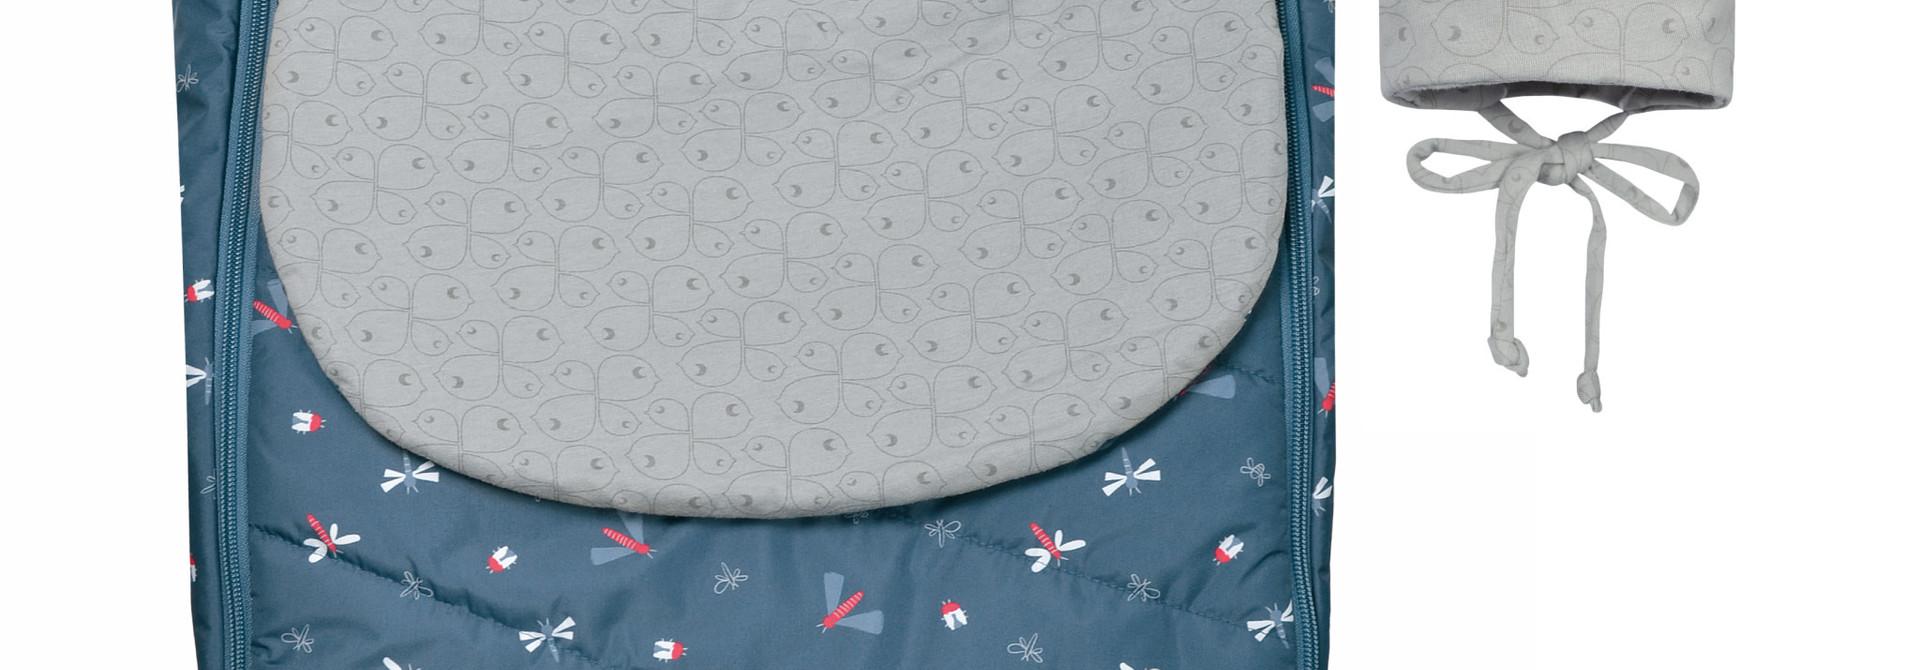 Couvre-siège de voiture mi-saison - Libellules Bleu